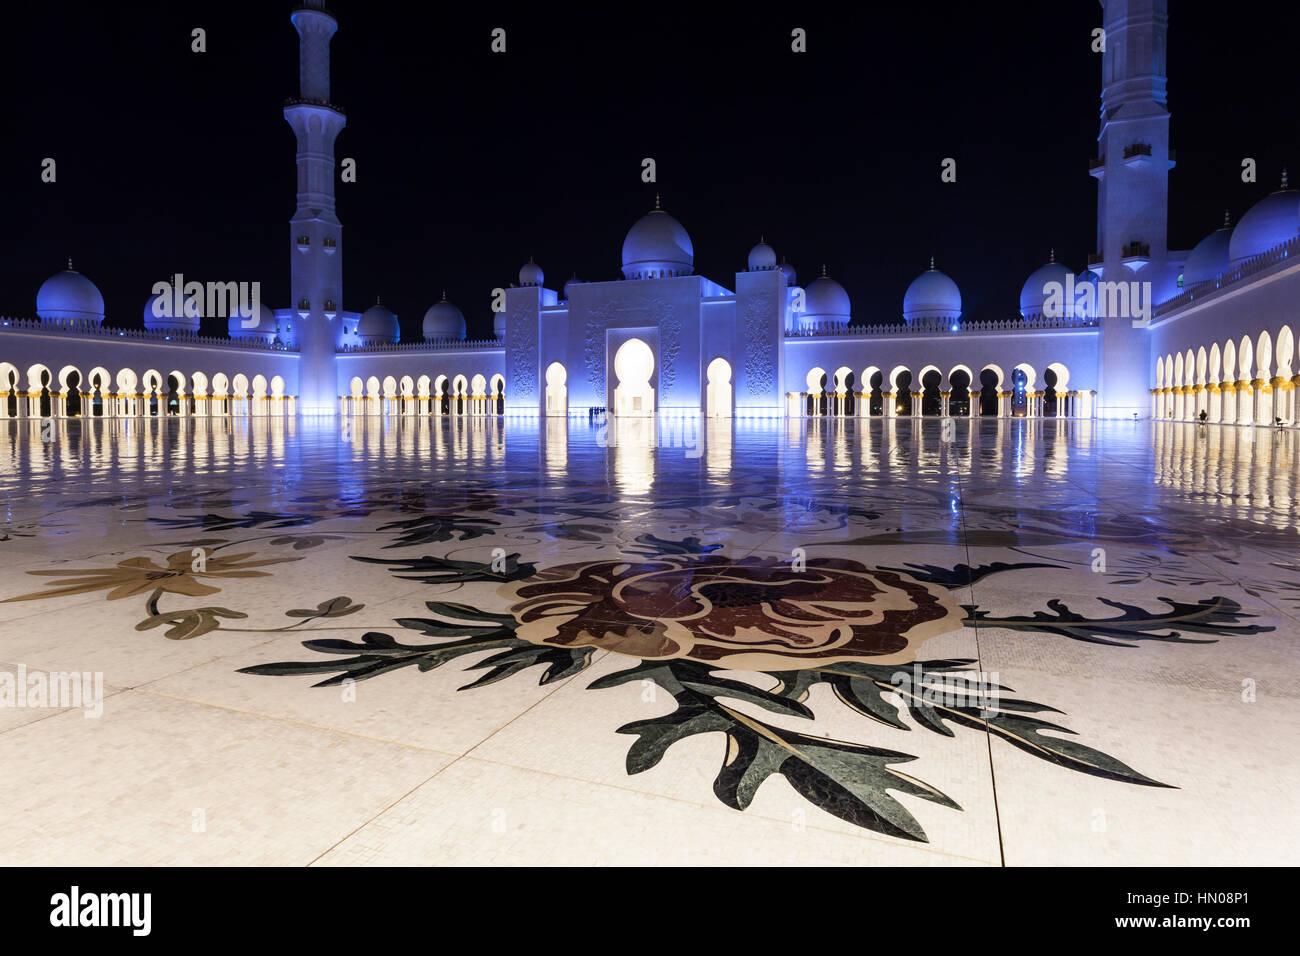 Sheikh Zayed grande moschea illuminata di notte. Abu Dhabi, Emirati Arabi Uniti, Medio Oriente Immagini Stock